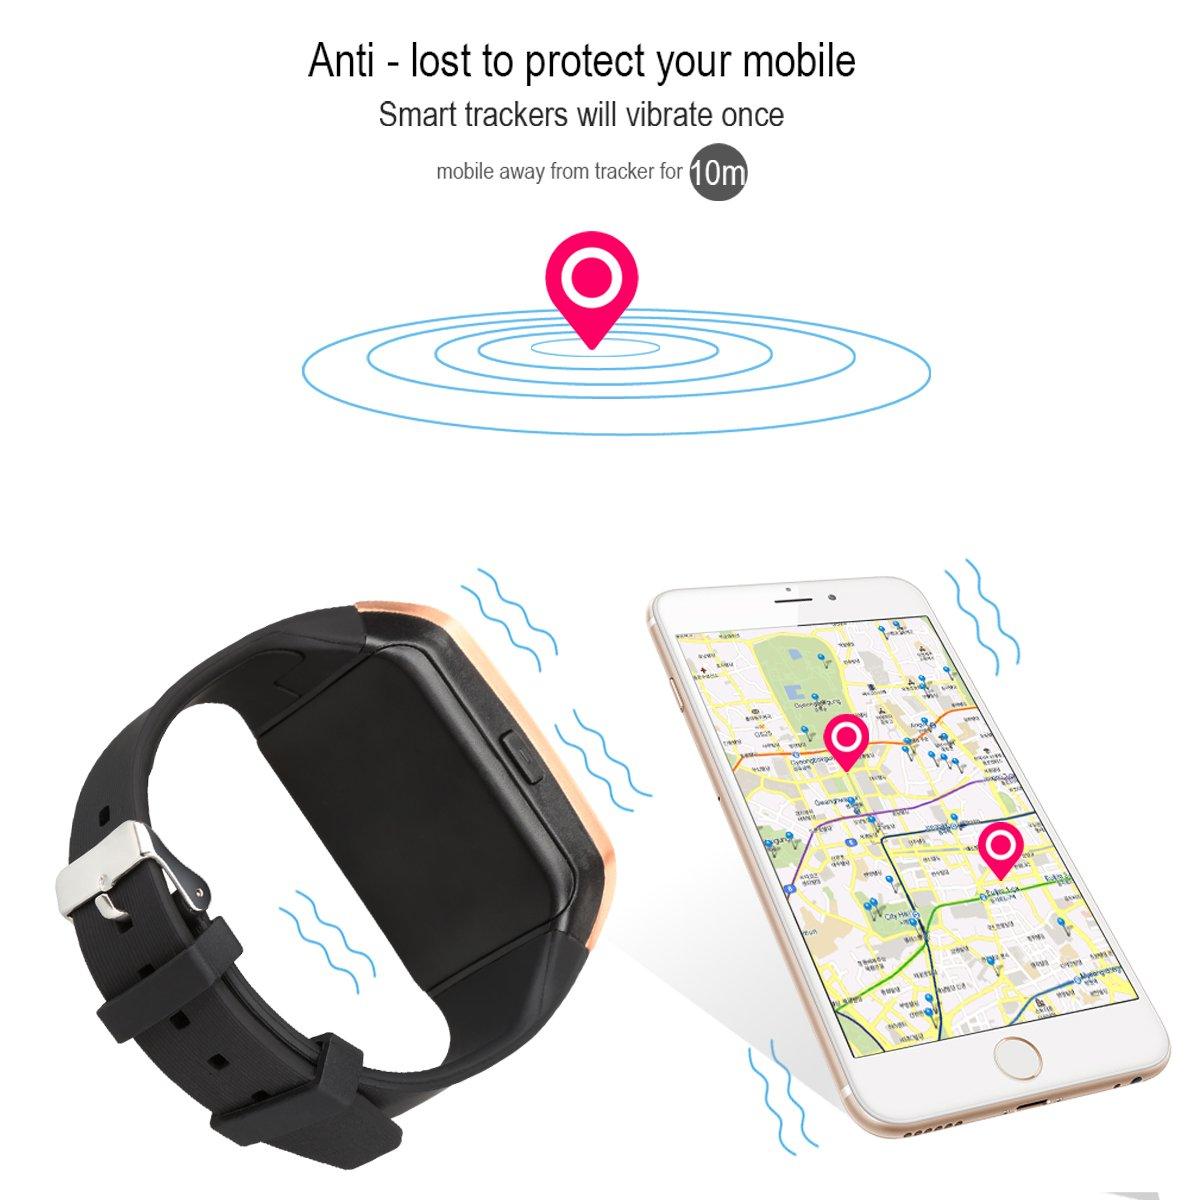 Padgene Q18 Reloj inteligente con cámara, Bluetooth, ranura para tarjeta SIM 2.0 y tarjeta TF, compatible con una amplia gama de smartphones, 03PG0155BKGD, ...